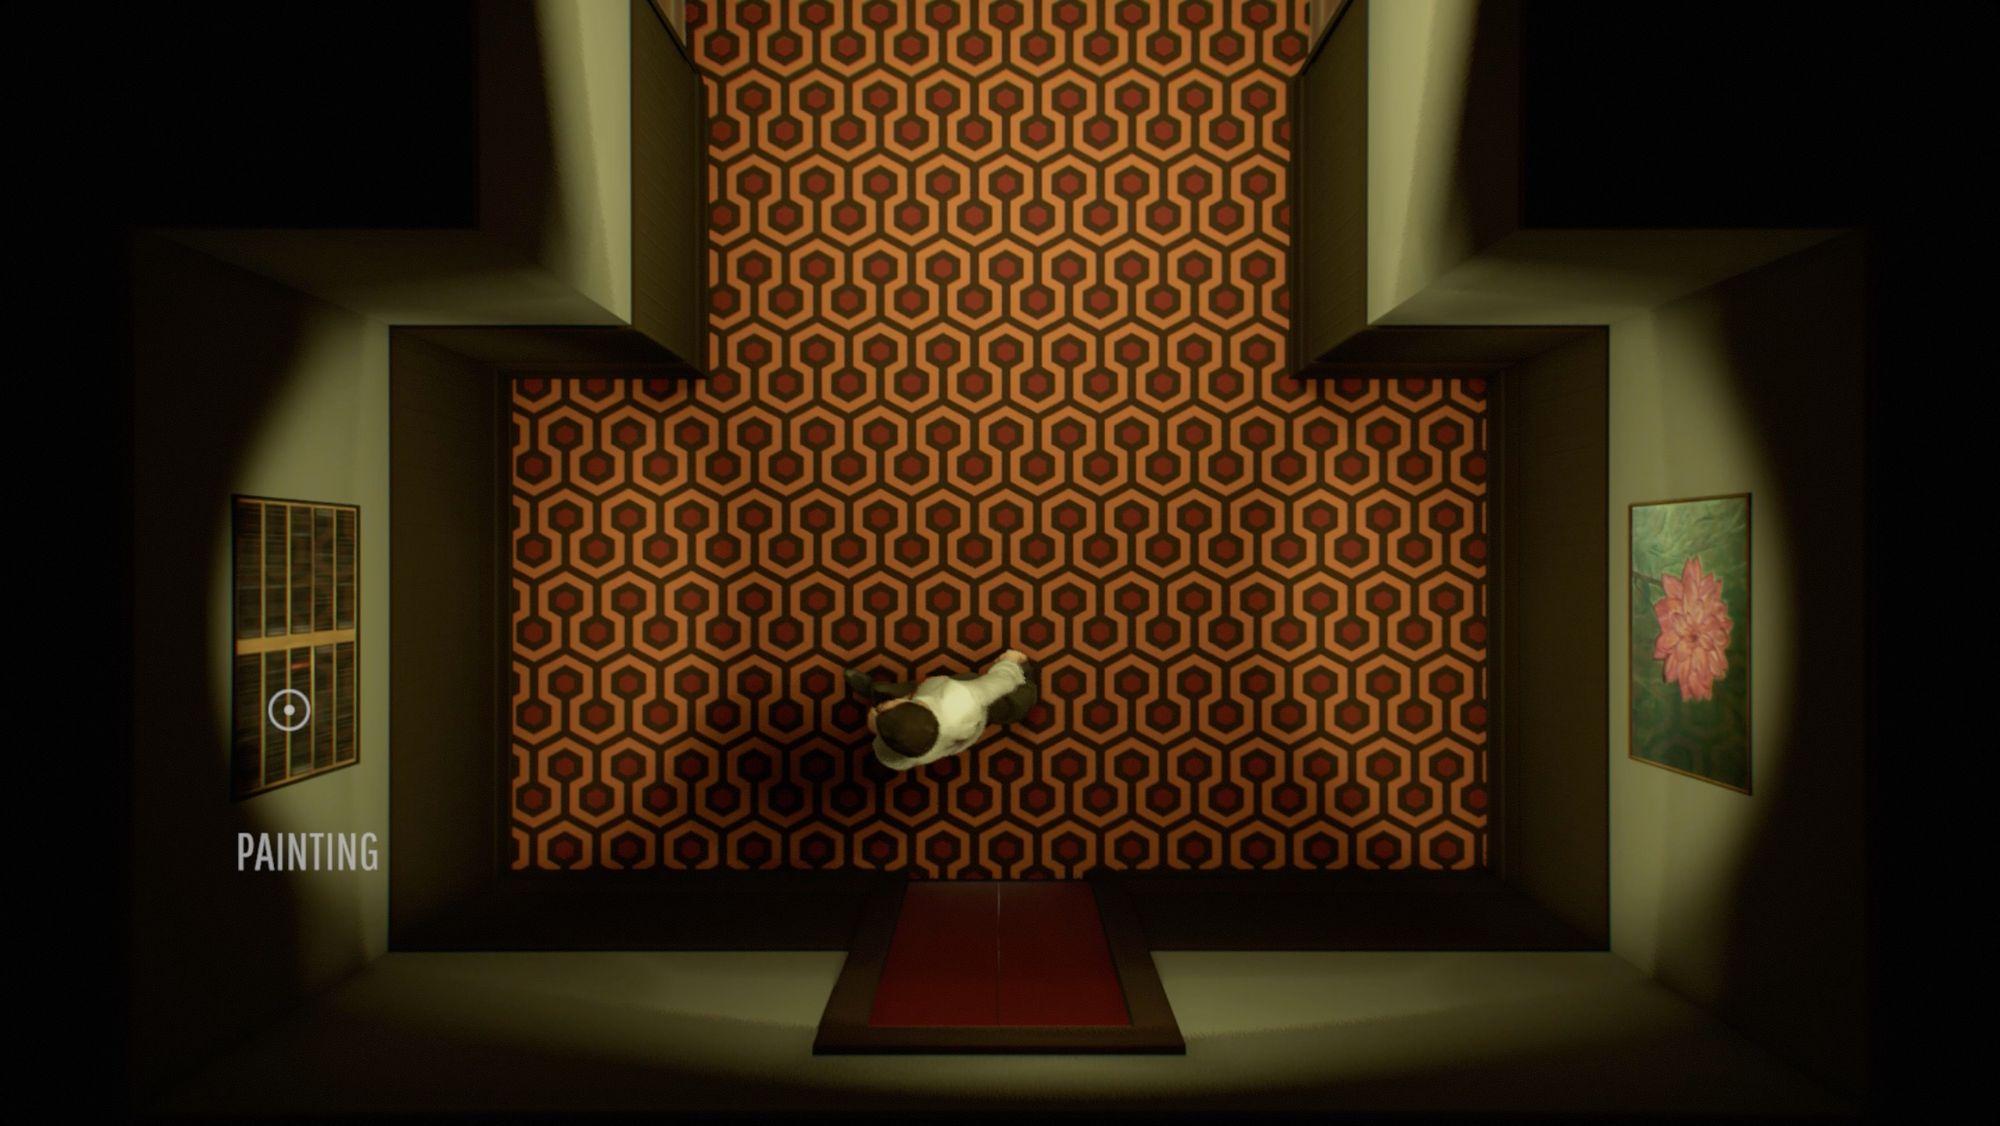 Hall de Twelve minutes, referência ao O Iluminado